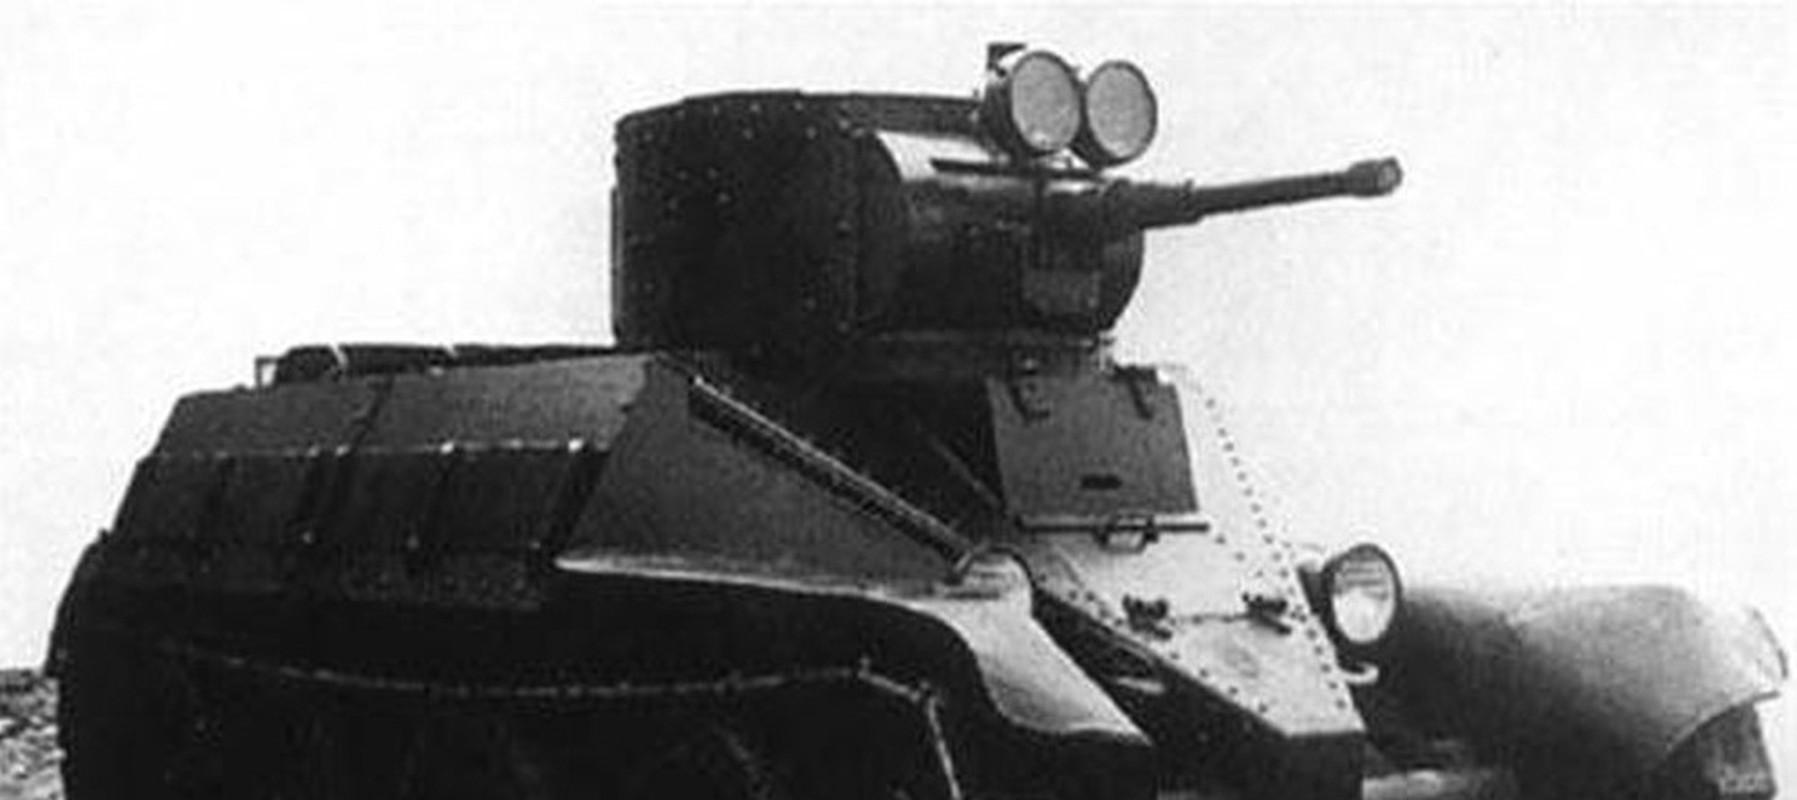 Nhung vu khi huyen thoai Lien Xo dat theo ten nha lanh dao Stalin-Hinh-7